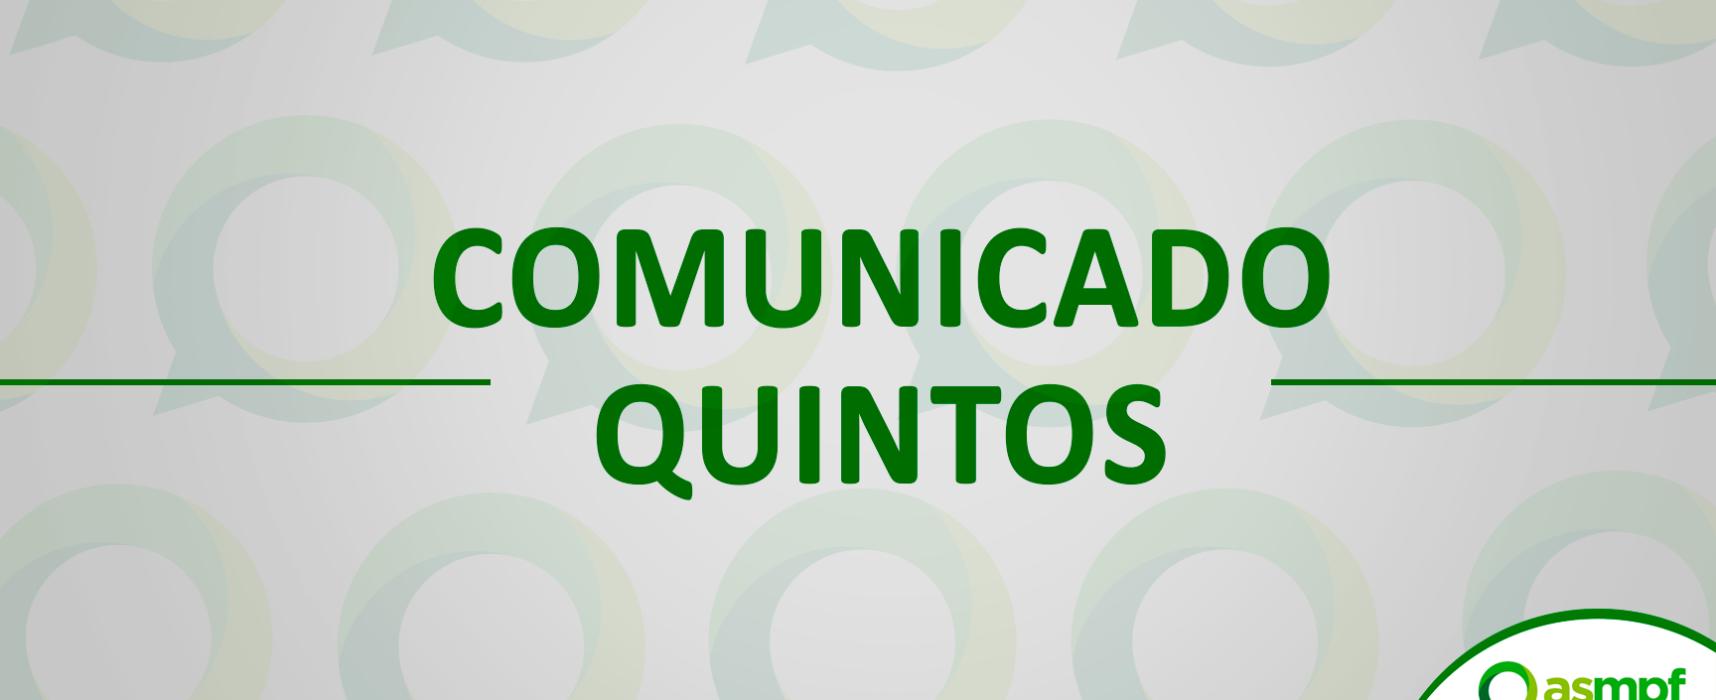 QUINTOS u2013 ASMPF EM DEFESA DO SERVIDOR, OPÔS EMBARGOS DE DECLARAÇÃO - Asmpf Logo PNG